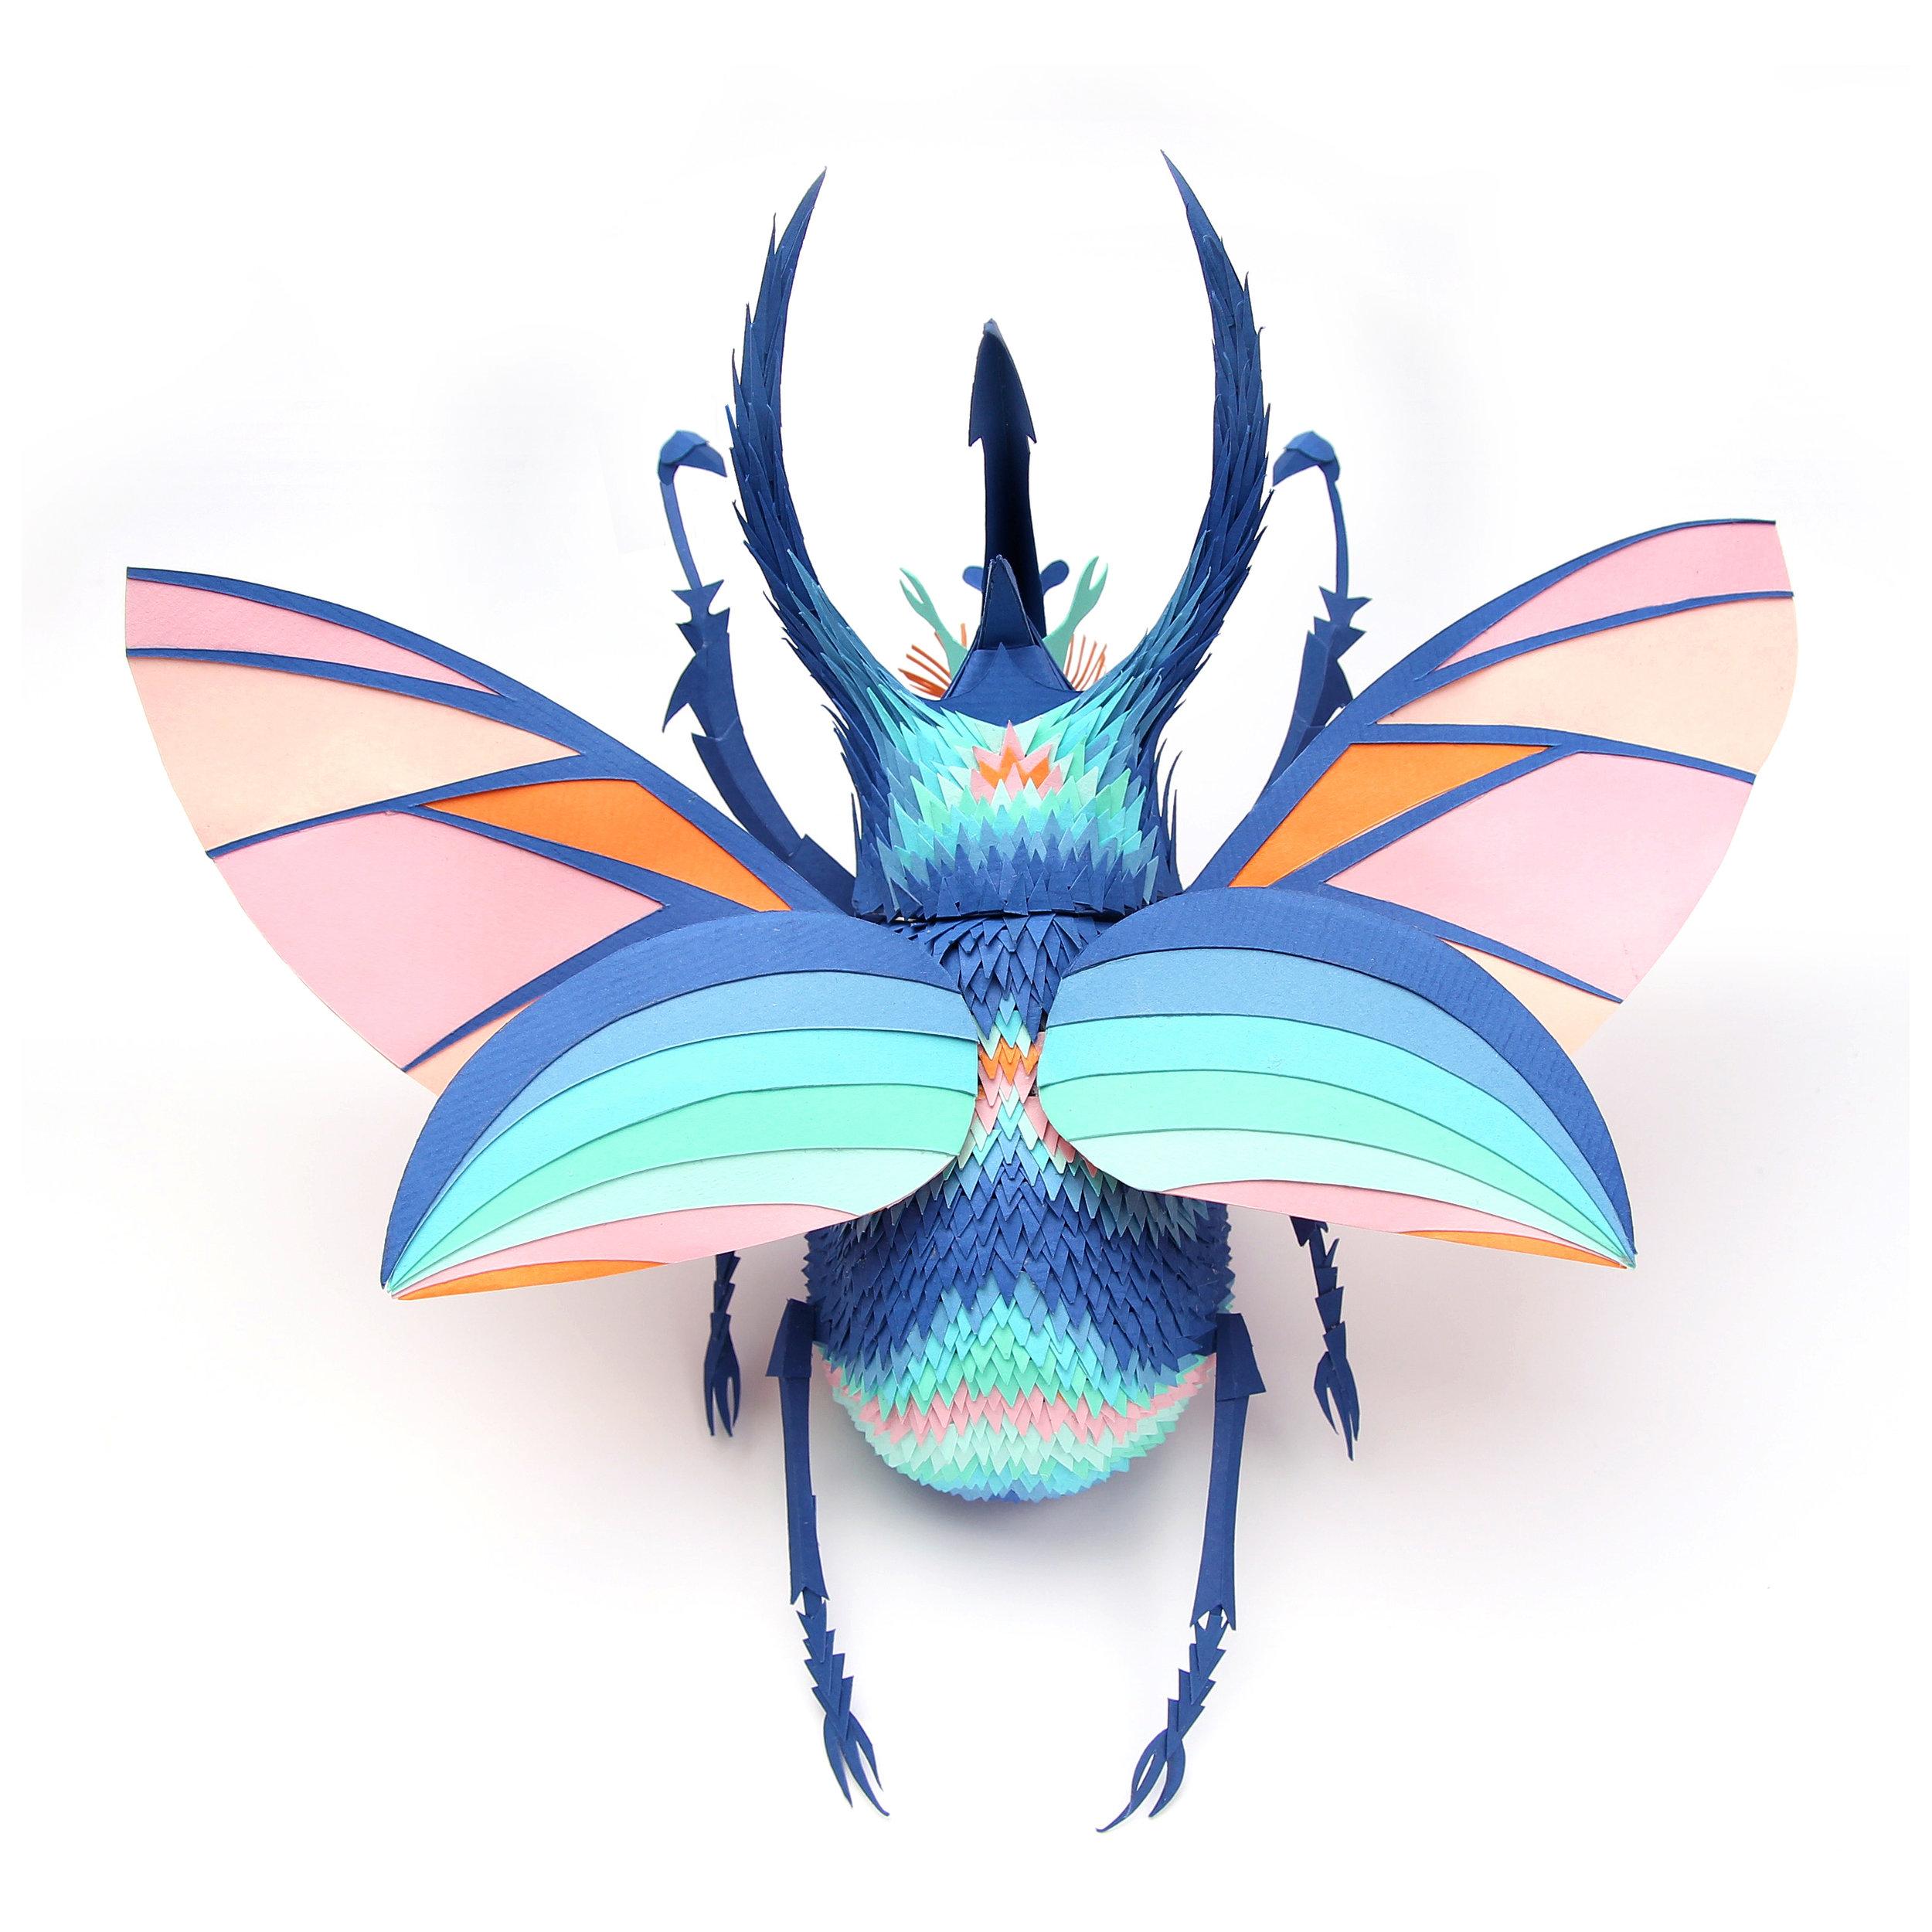 Lisa Lloyd crea delle stupende sculture di carta in 3D | Collater.al